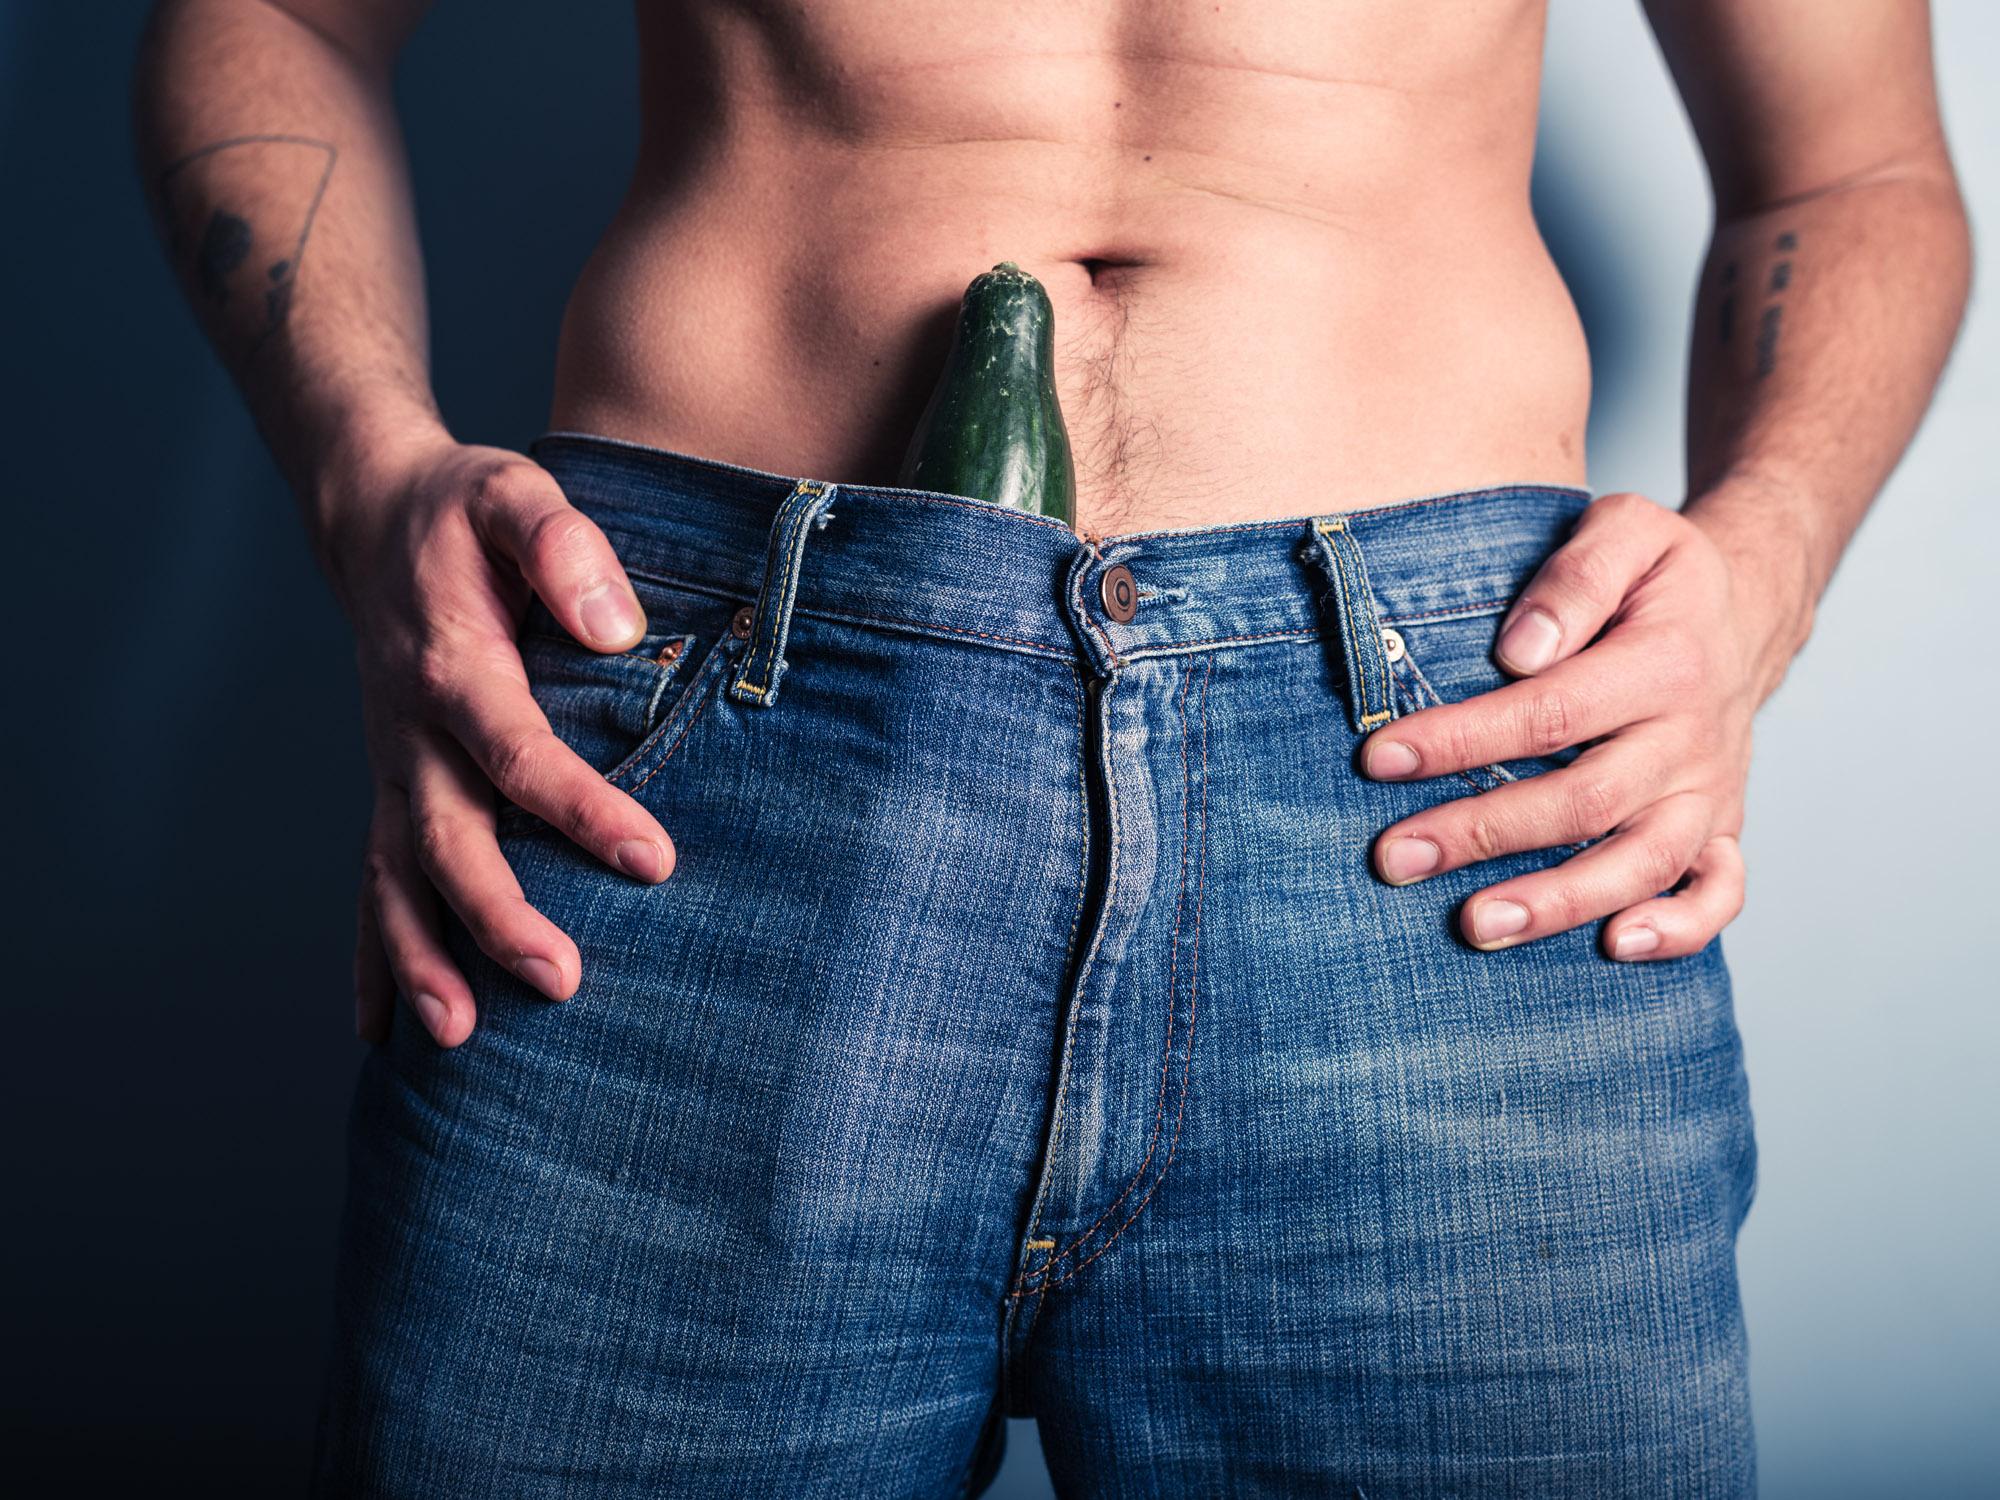 Ingrosarea permanenta a penisului cu micropicaturi de silicon - dr. Renert Gad